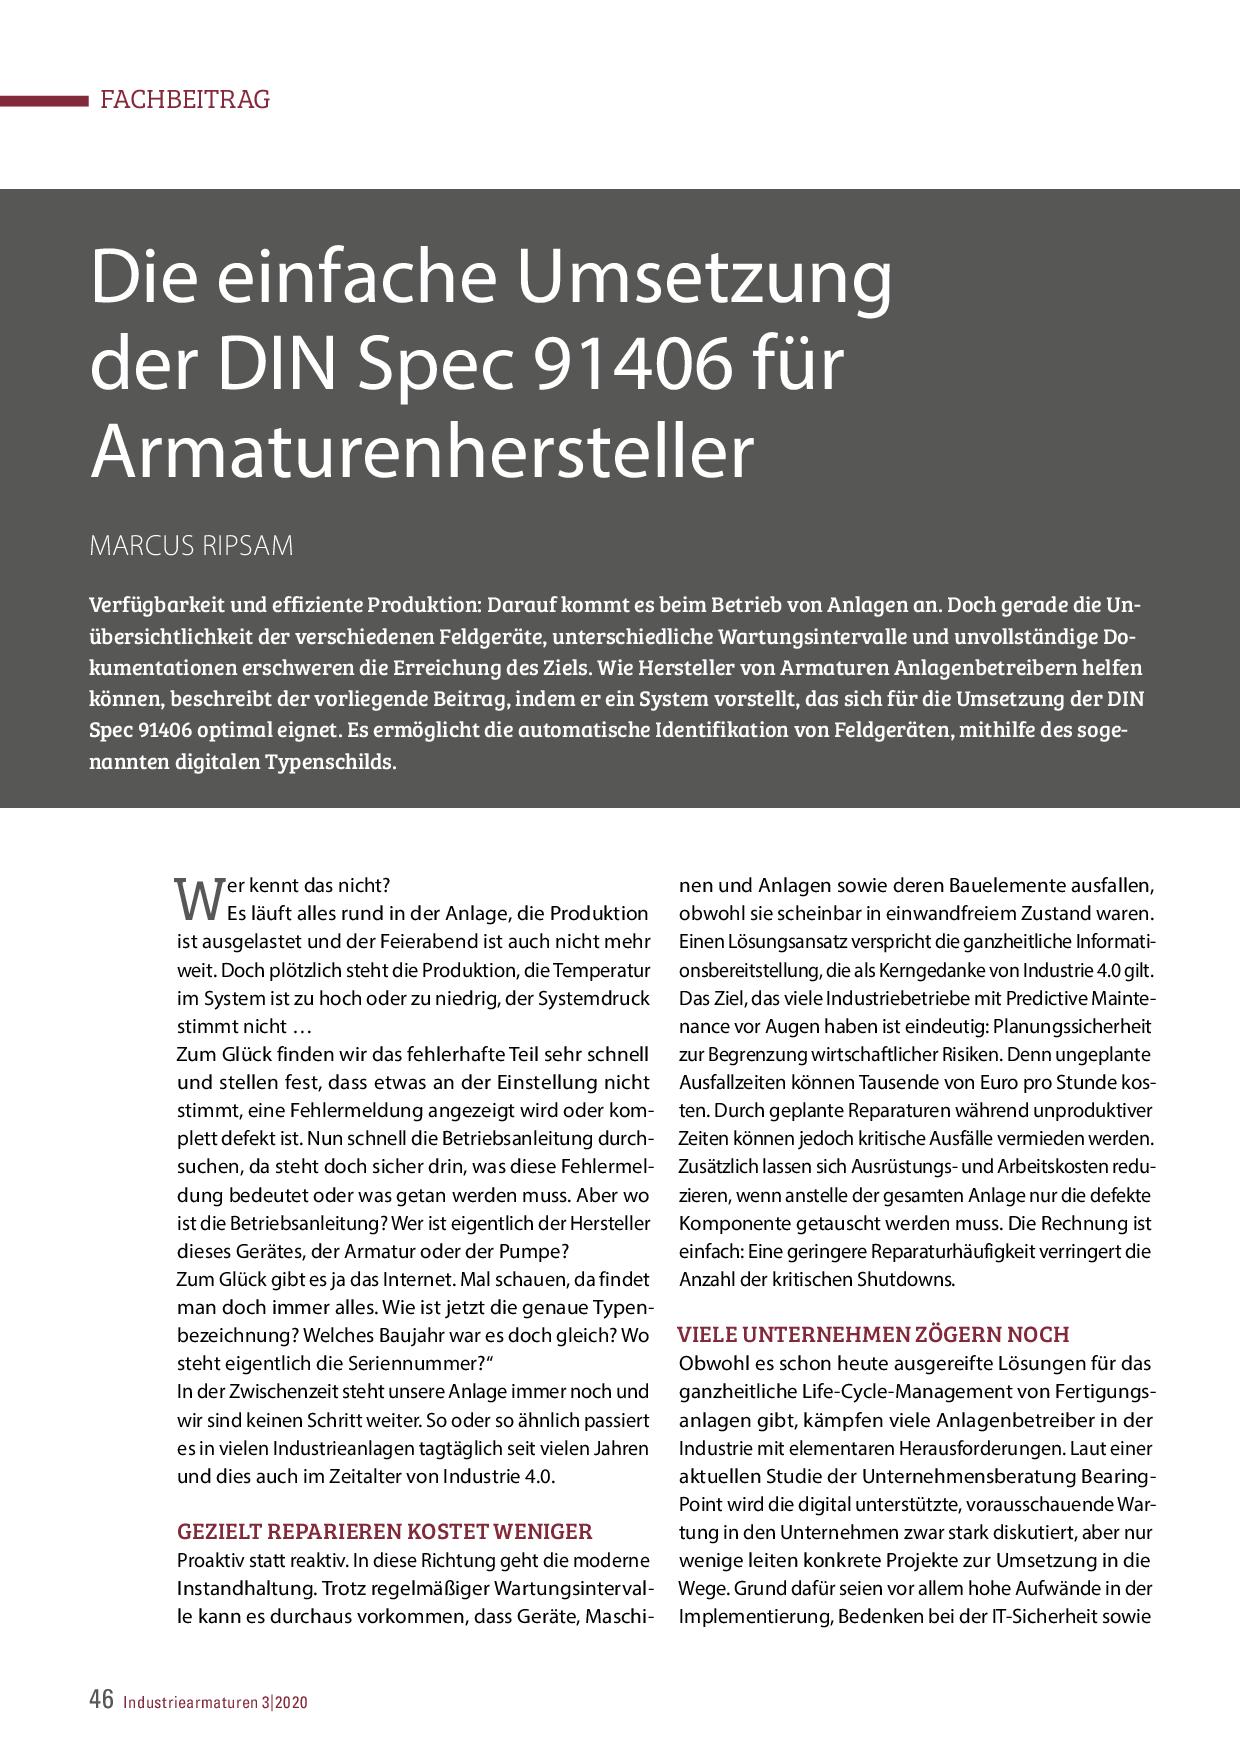 Die einfache Umsetzung der DIN Spec 91406 für Armaturenhersteller